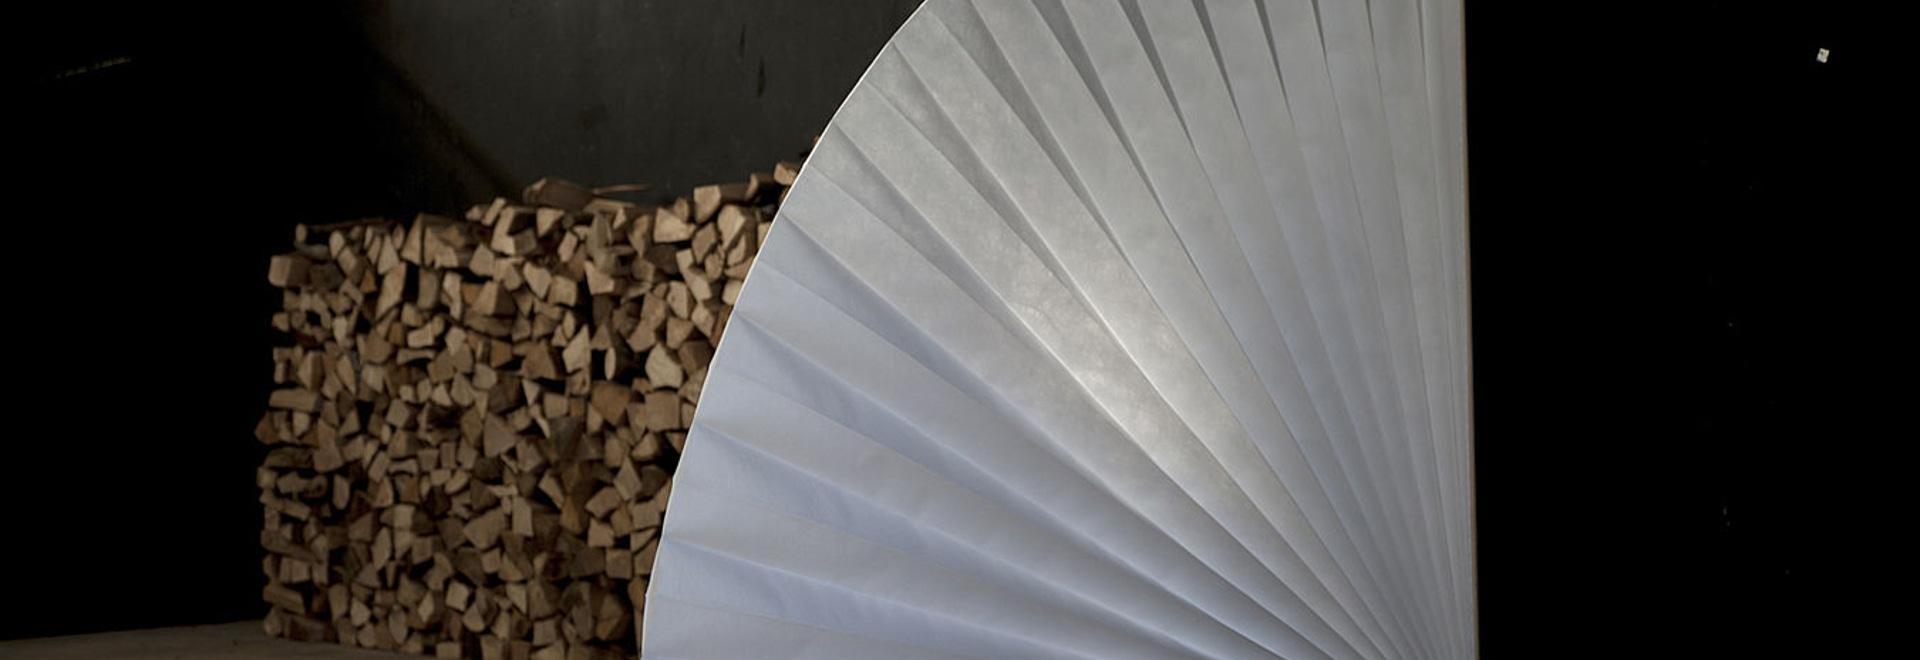 Paravent Unpaper : nouvelle cloison design, ouverture en vague ou ...